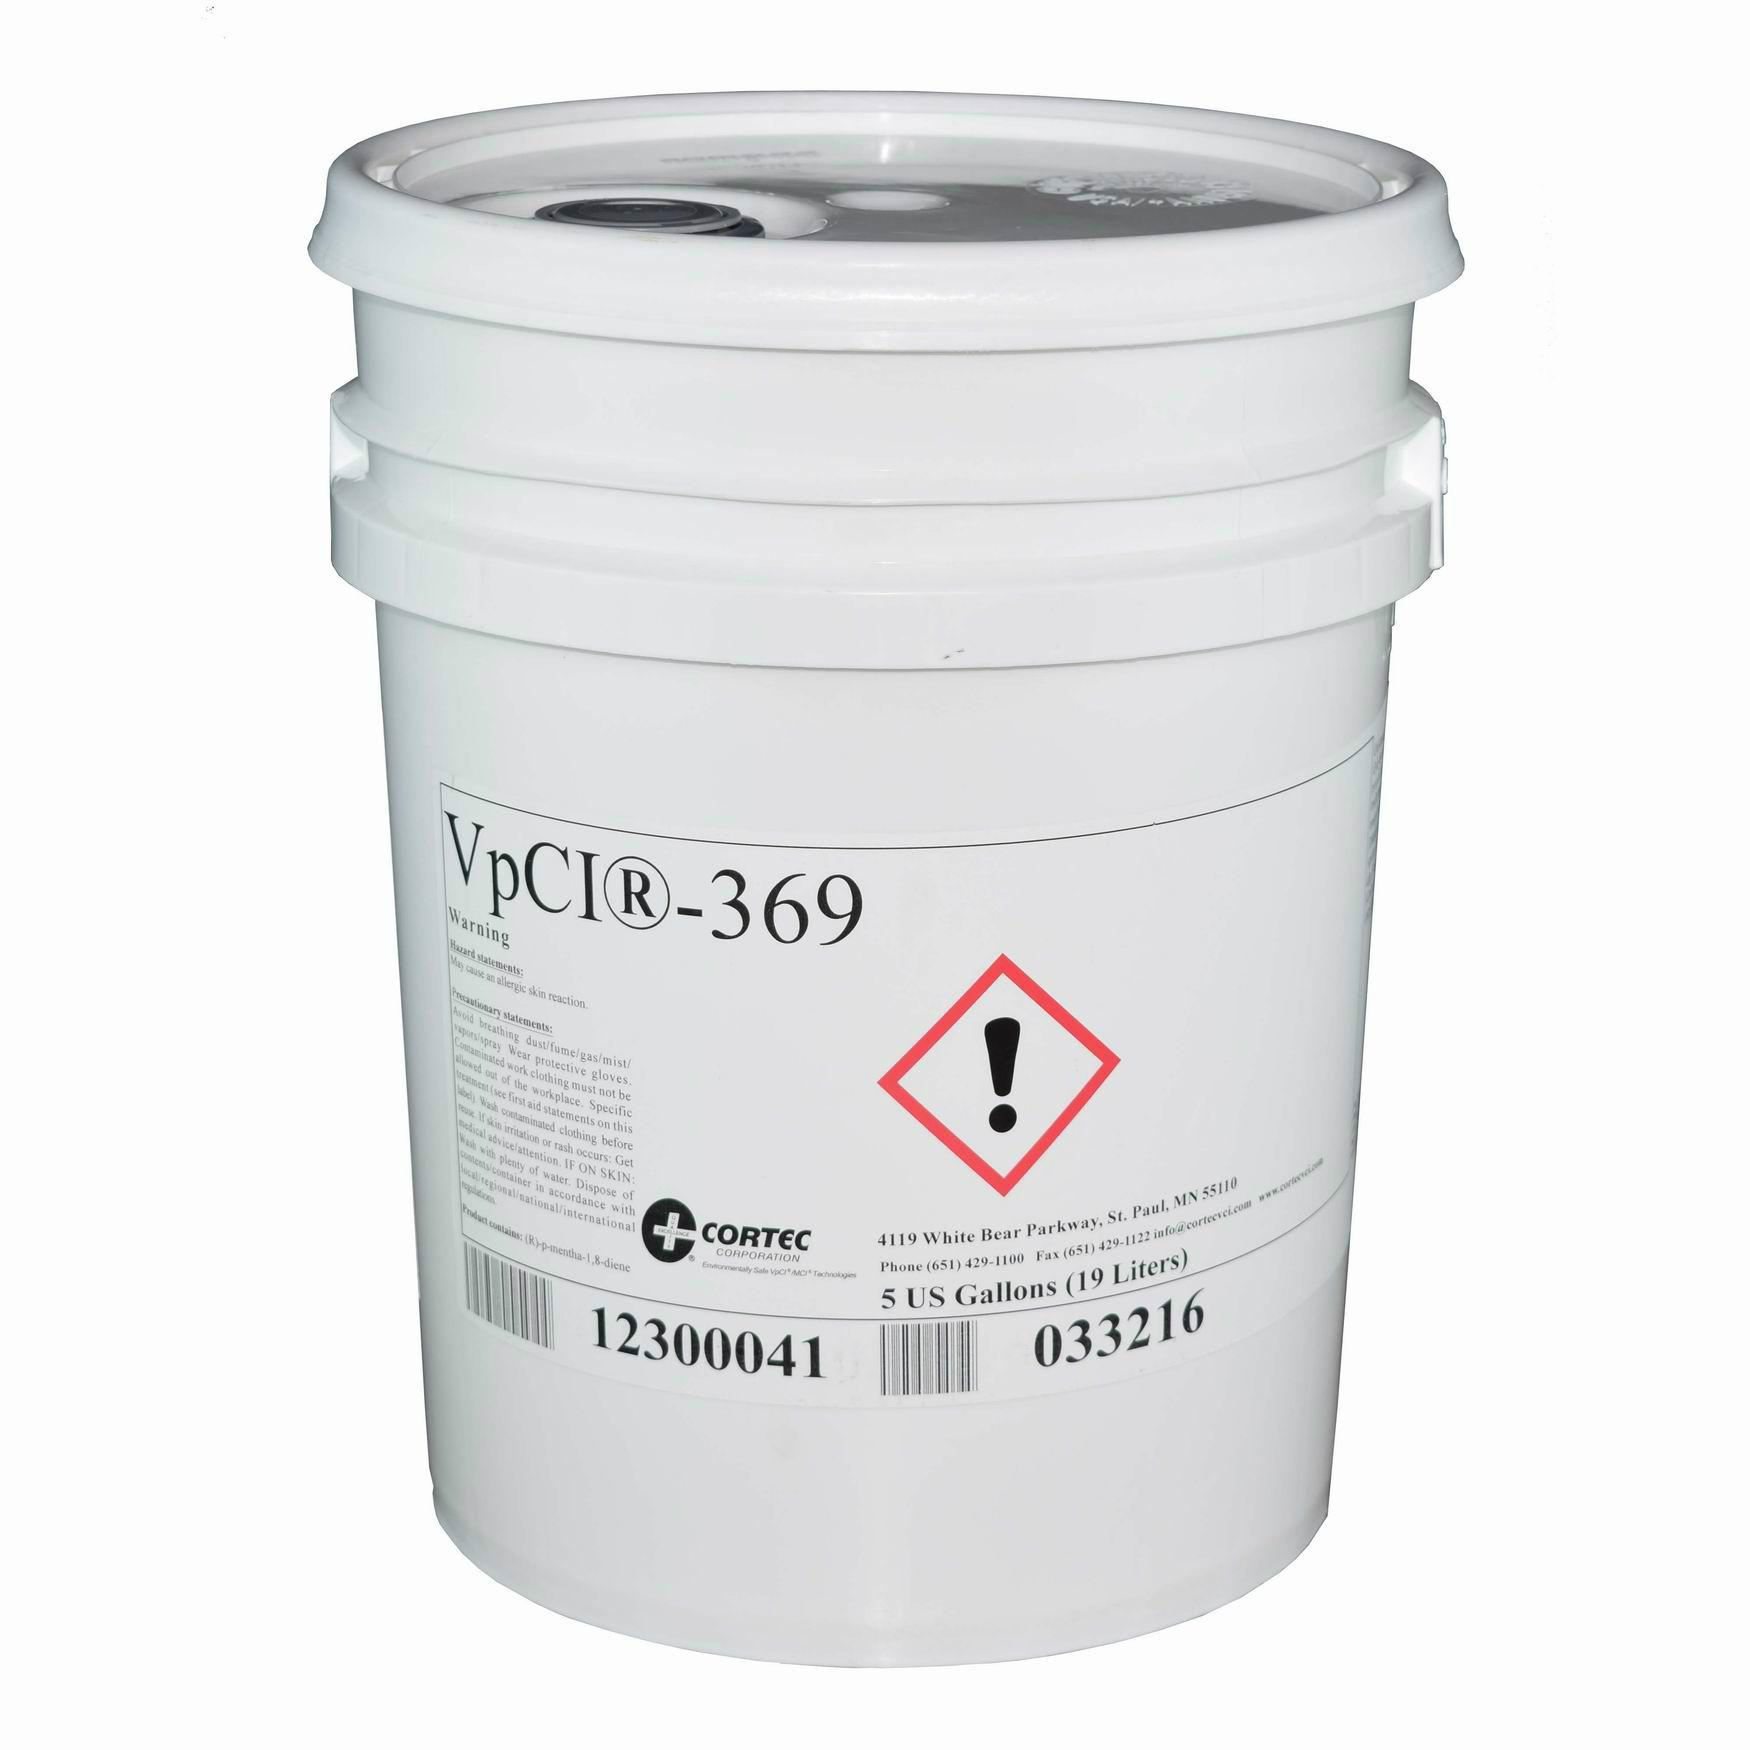 Cortec VCI-369 - Pail (5 gallons)